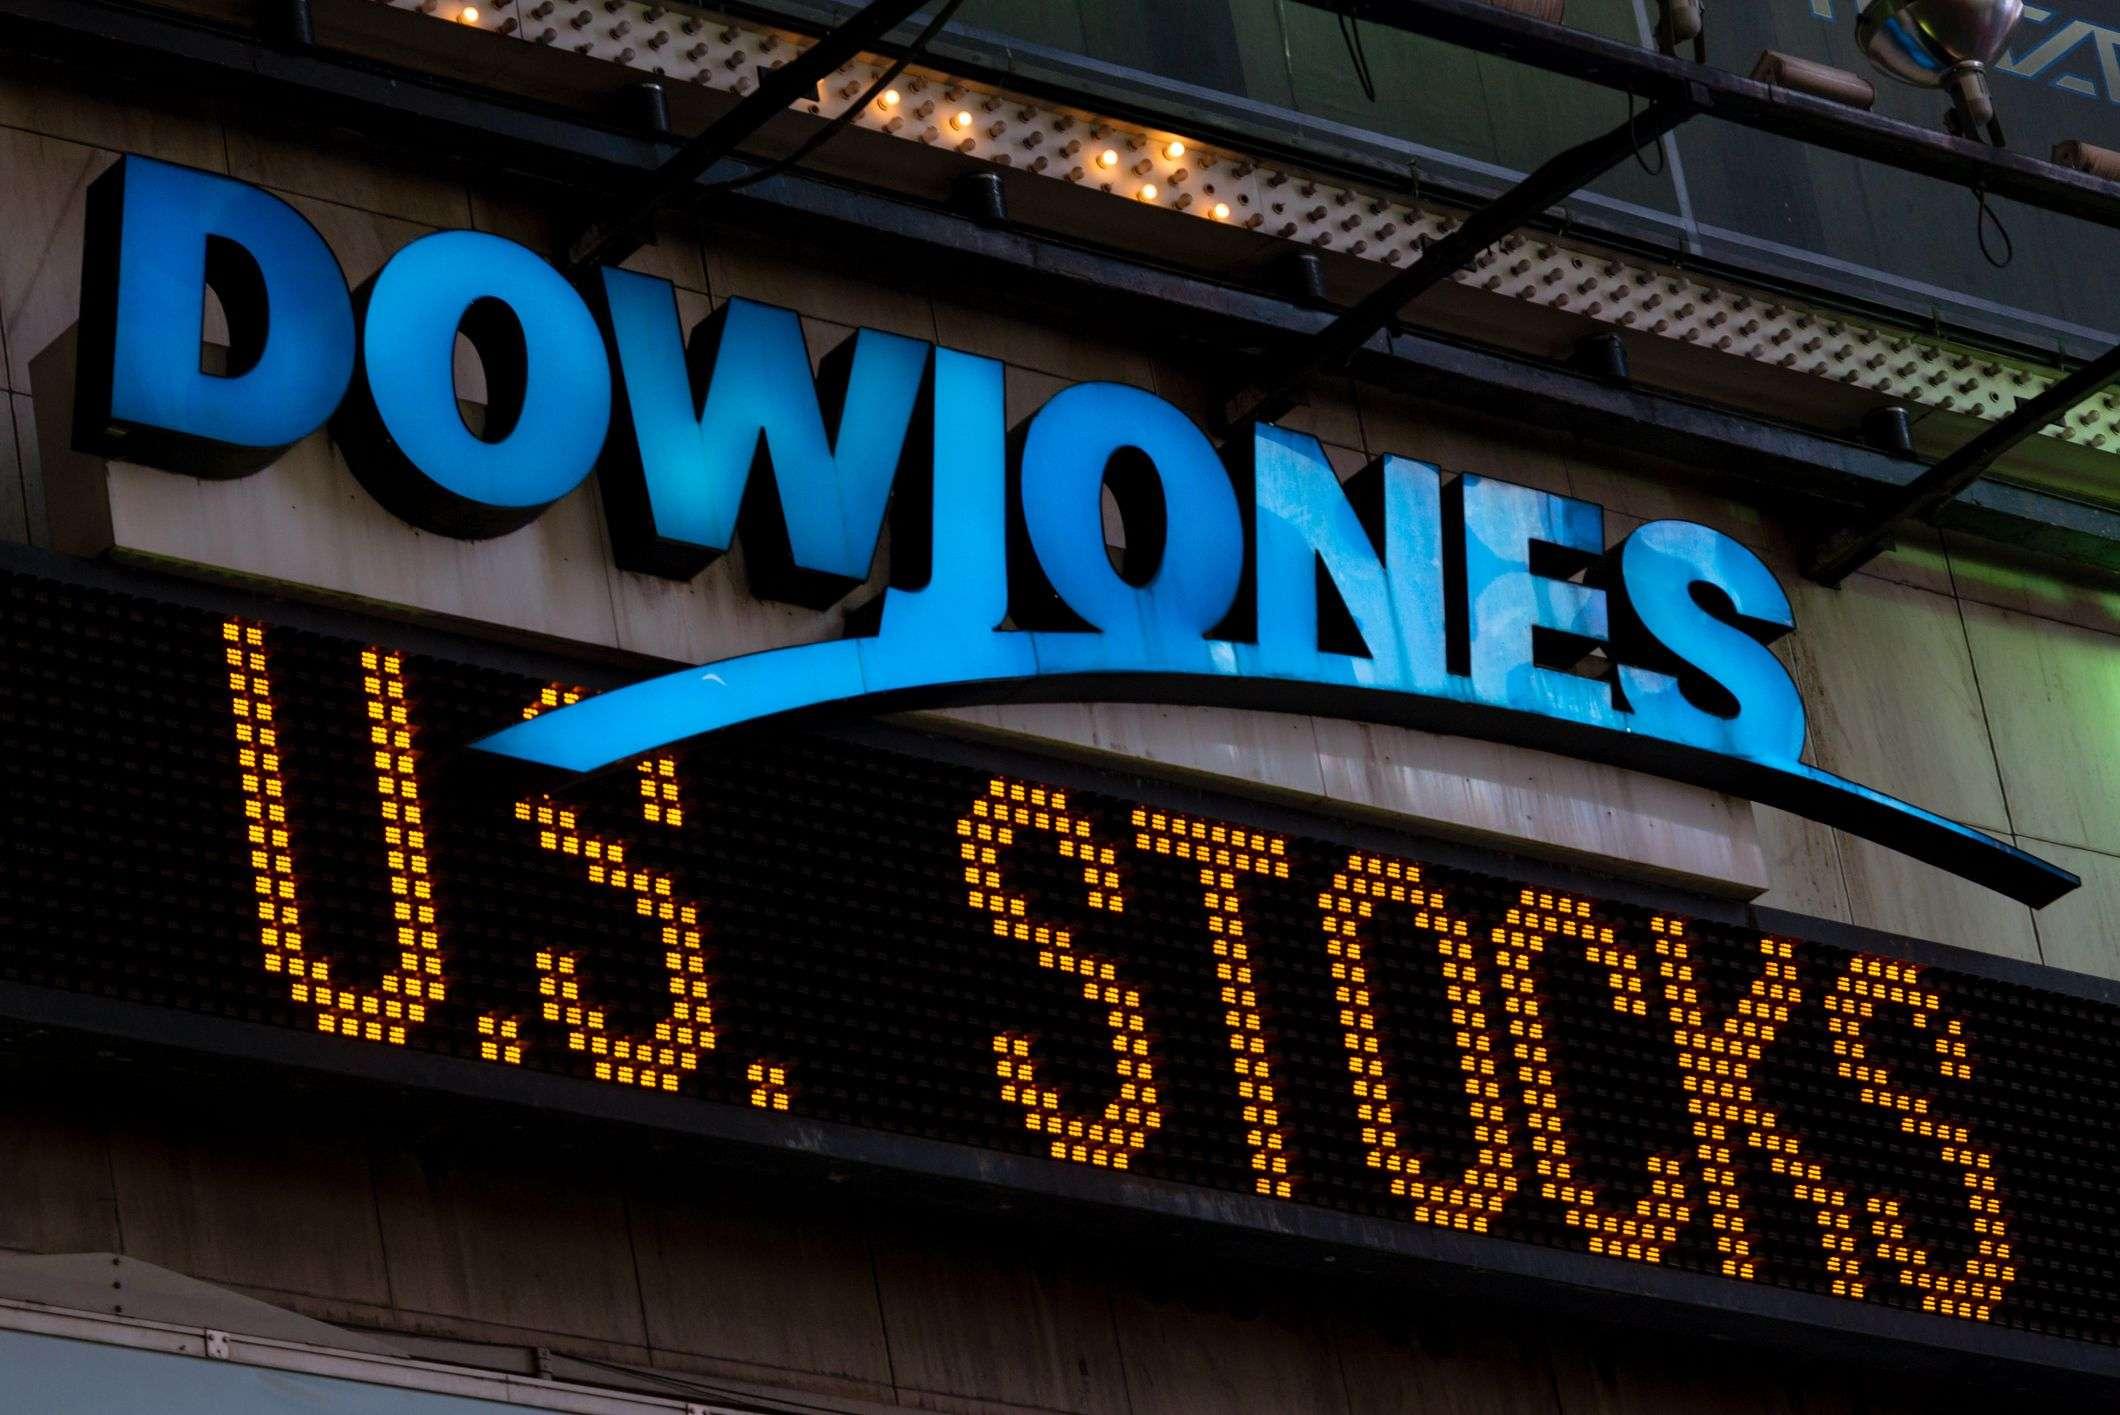 स्टॉक मार्केट में निवेश करने से पहले ध्यान रखने वाली 10 बातें